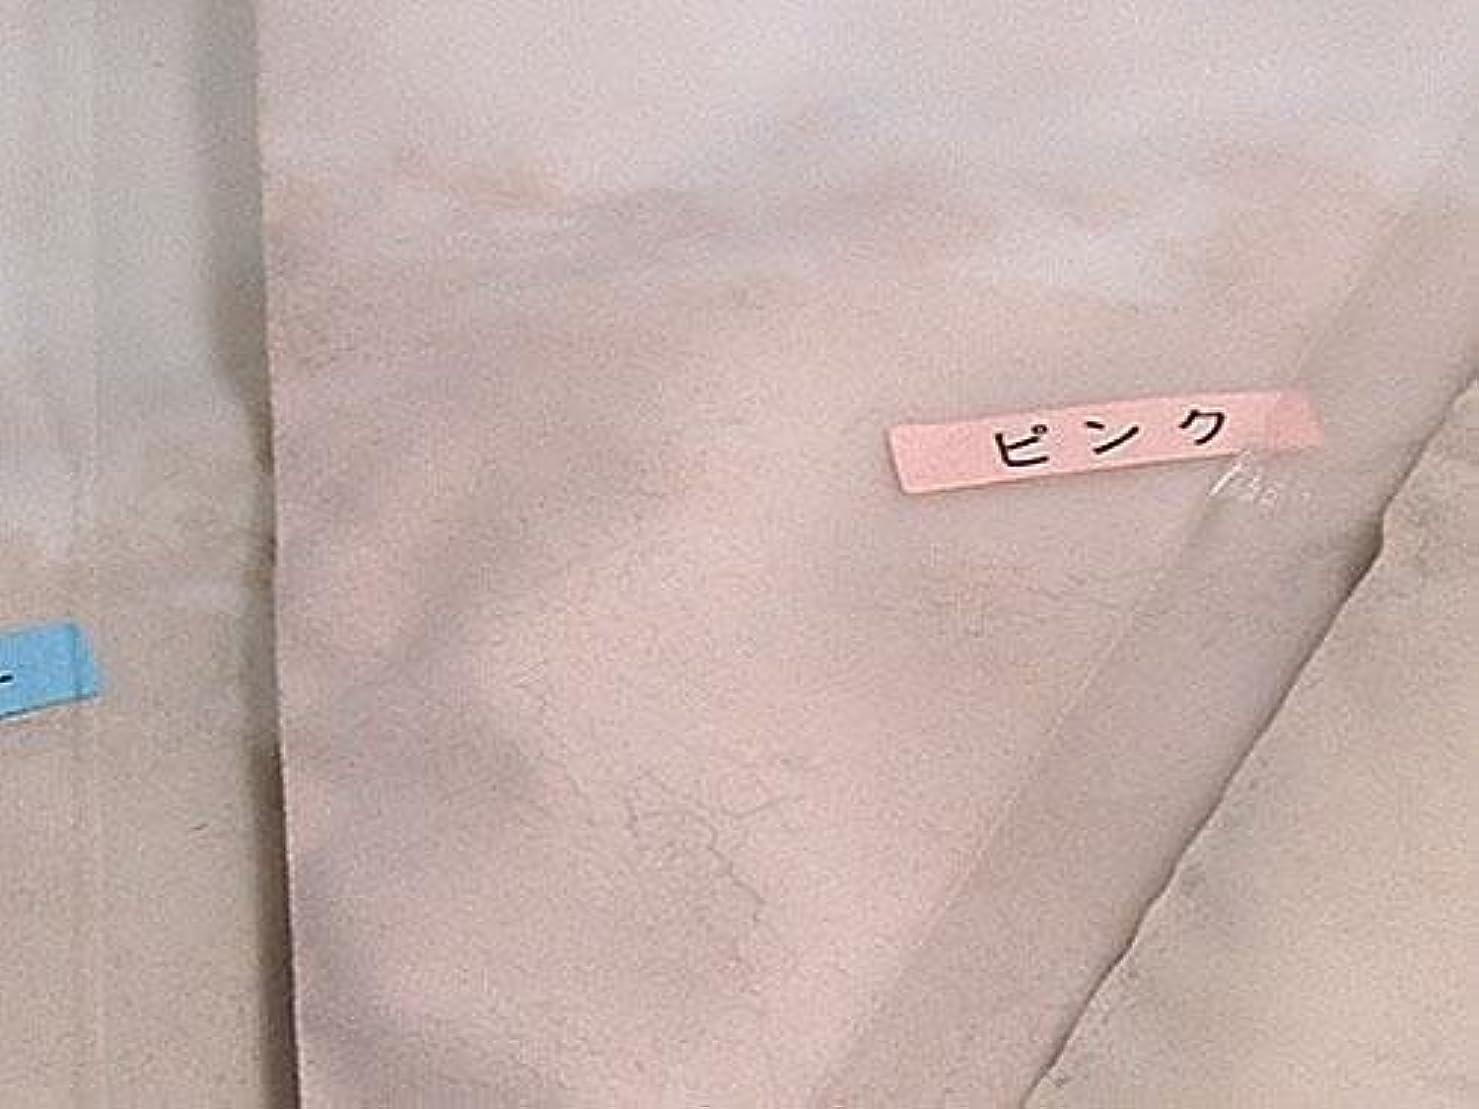 公式決済ハイランド薫寿堂のお香制作セット お香パウダー ピンク 単品